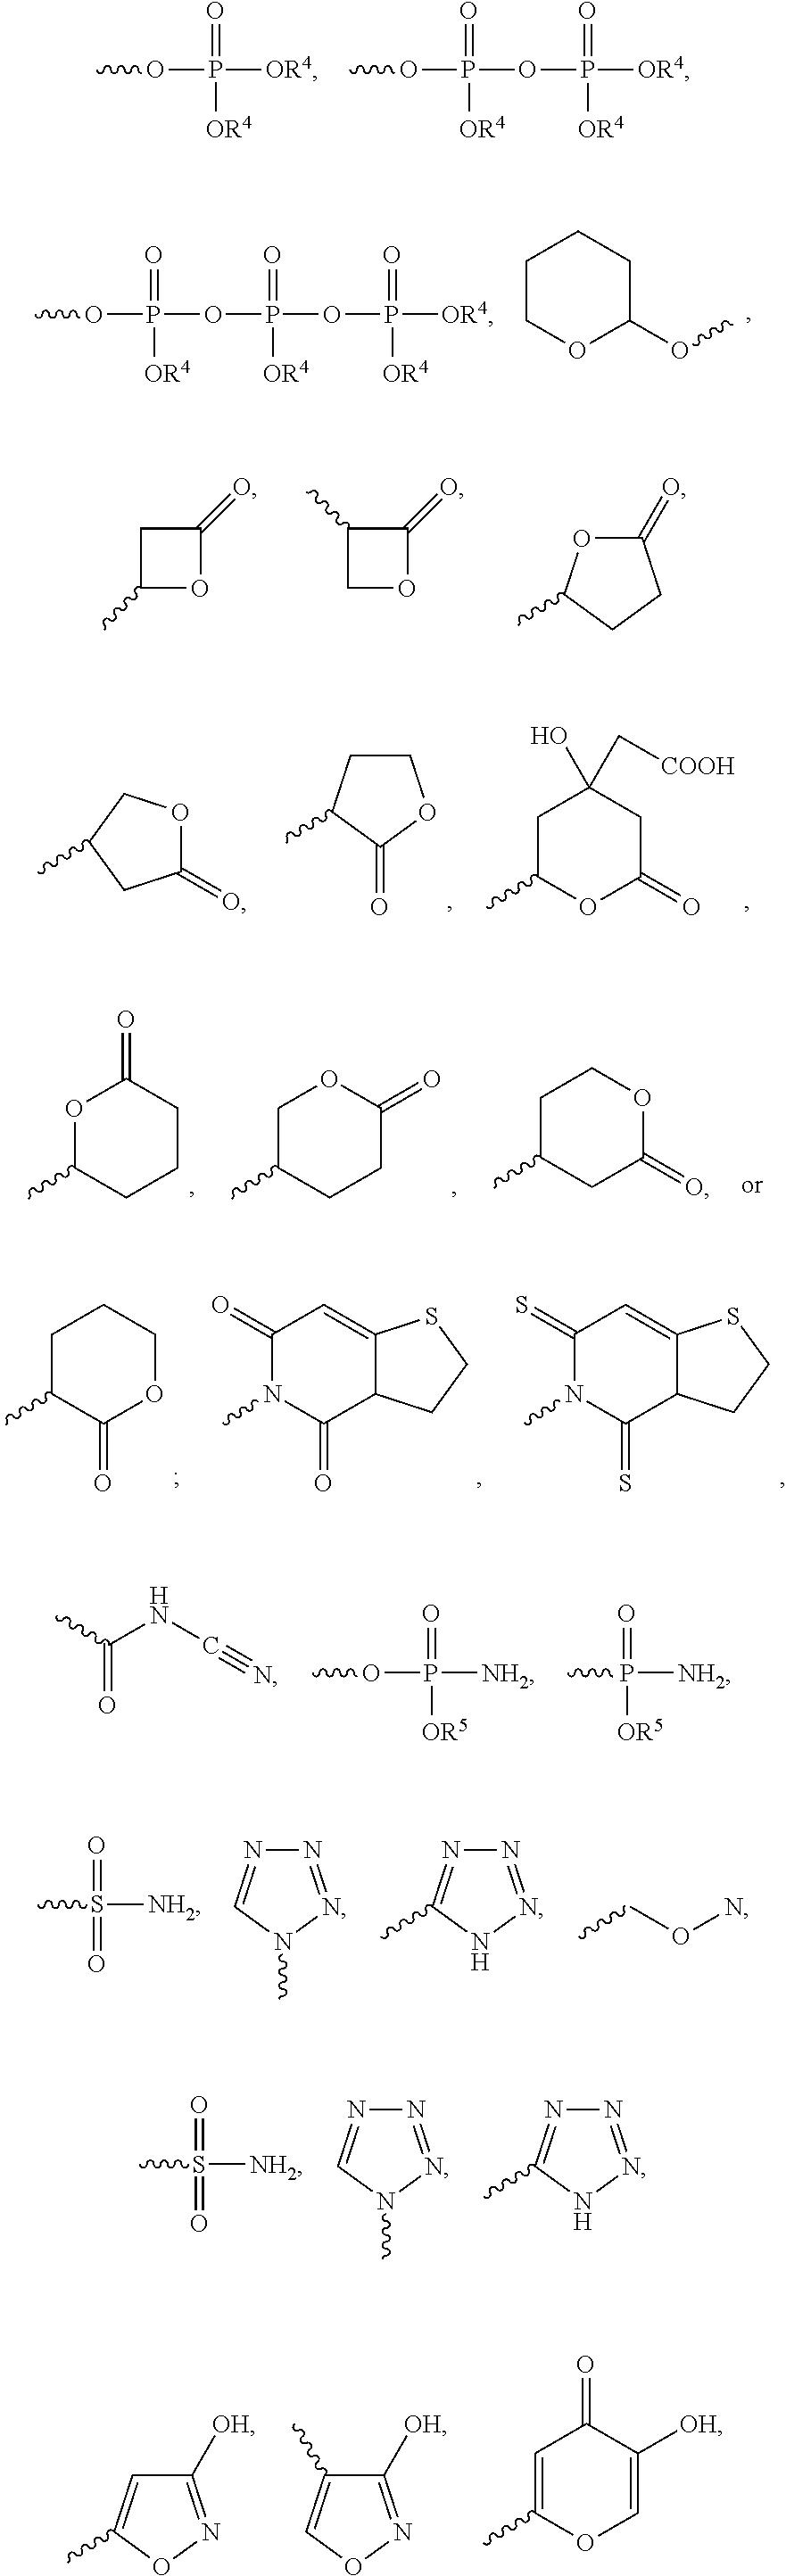 Figure US09855240-20180102-C00029